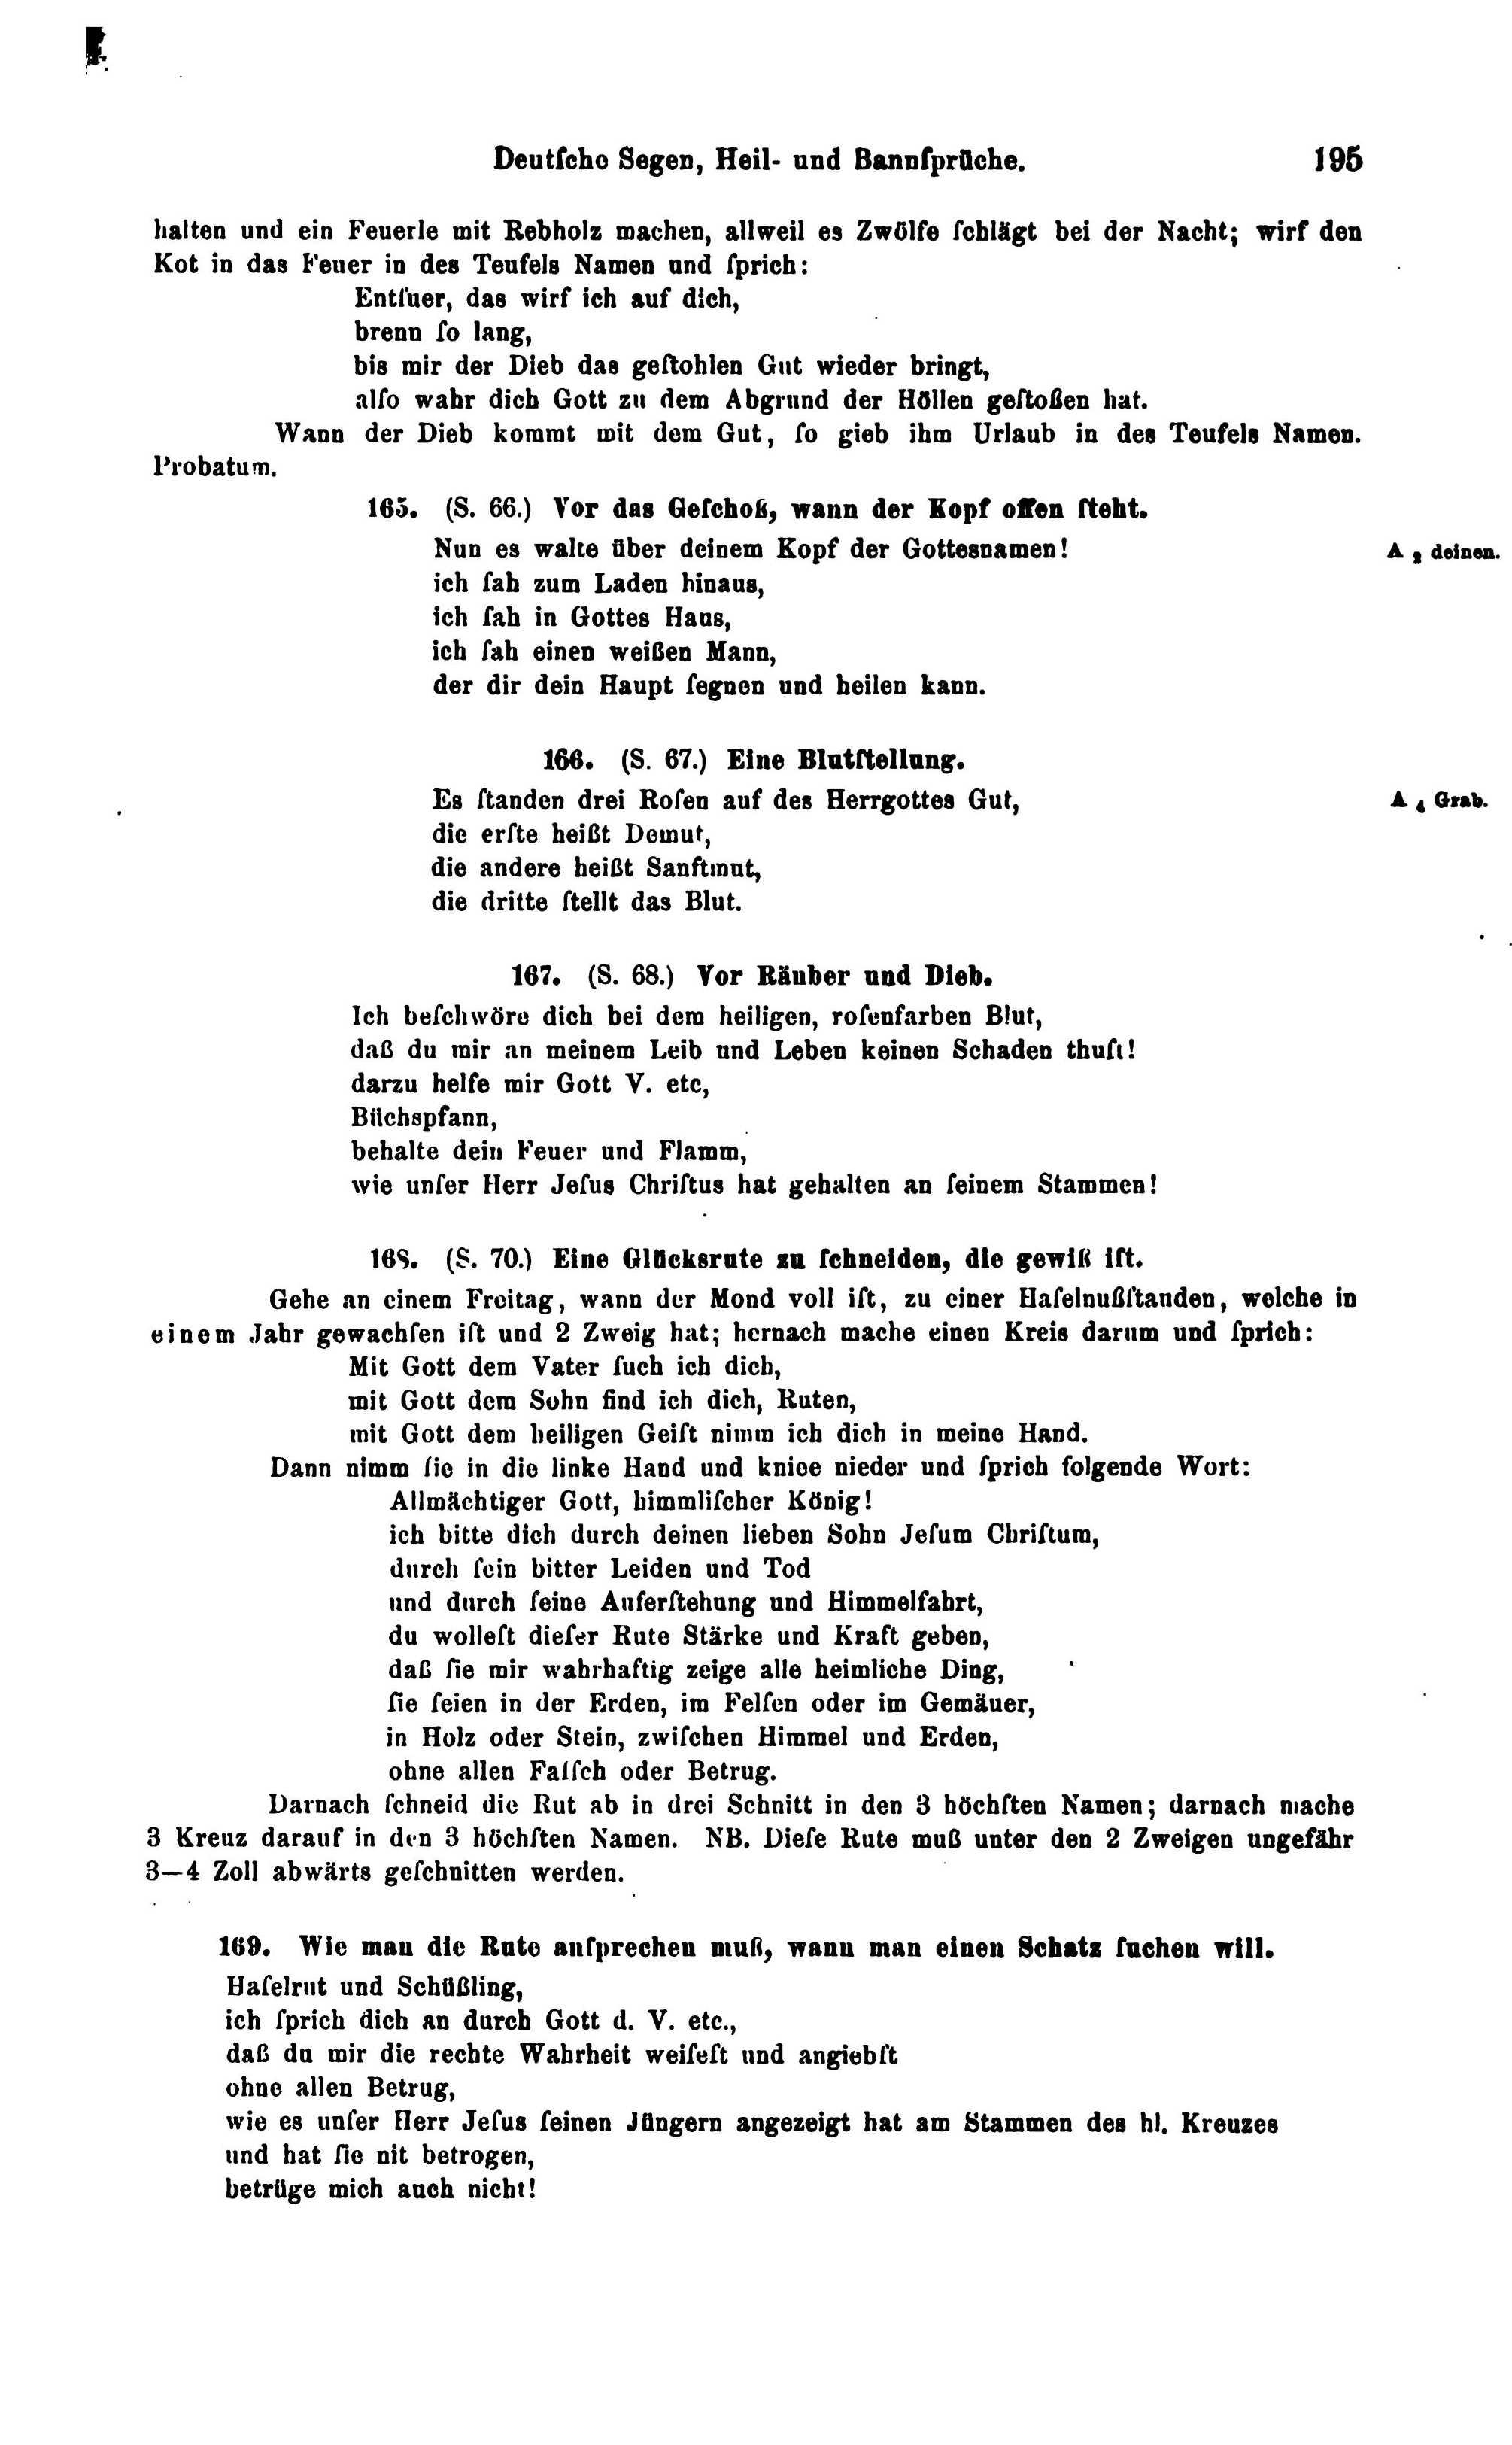 File:De Württ Jahrbuch SL 1892 1113.jpg - Wikimedia Commons